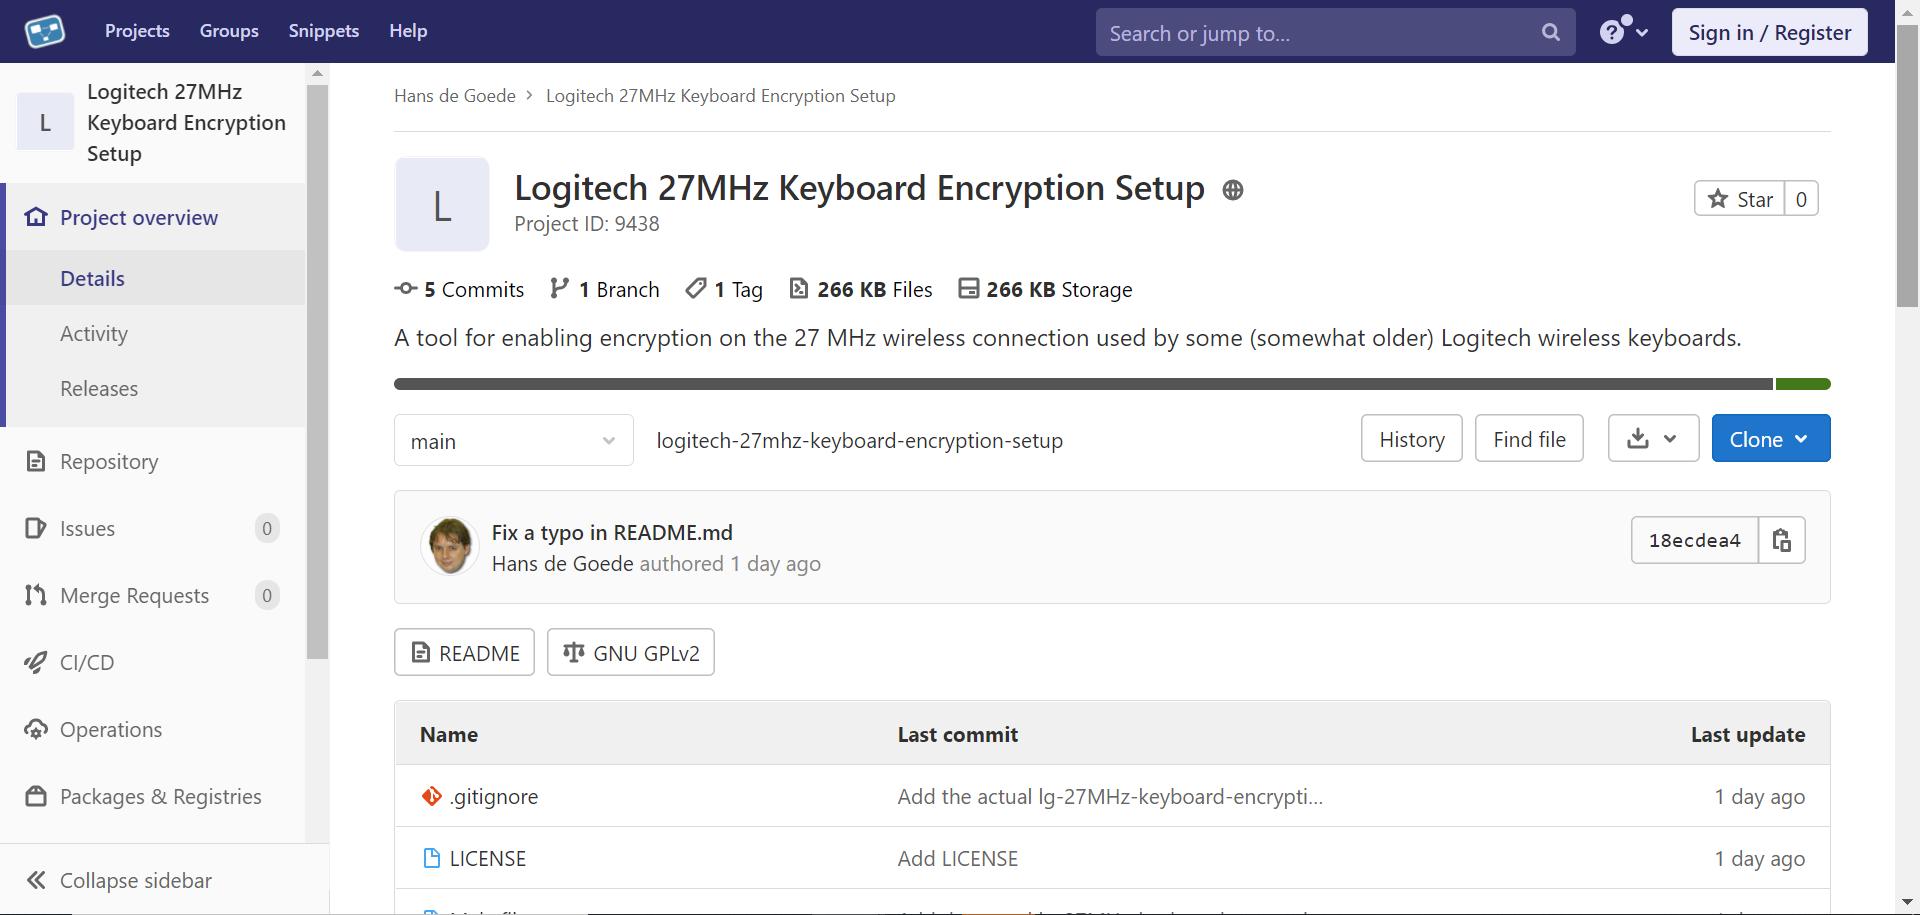 红帽大神制作 Linux 工具,用于旧款罗技无线键盘加密设置